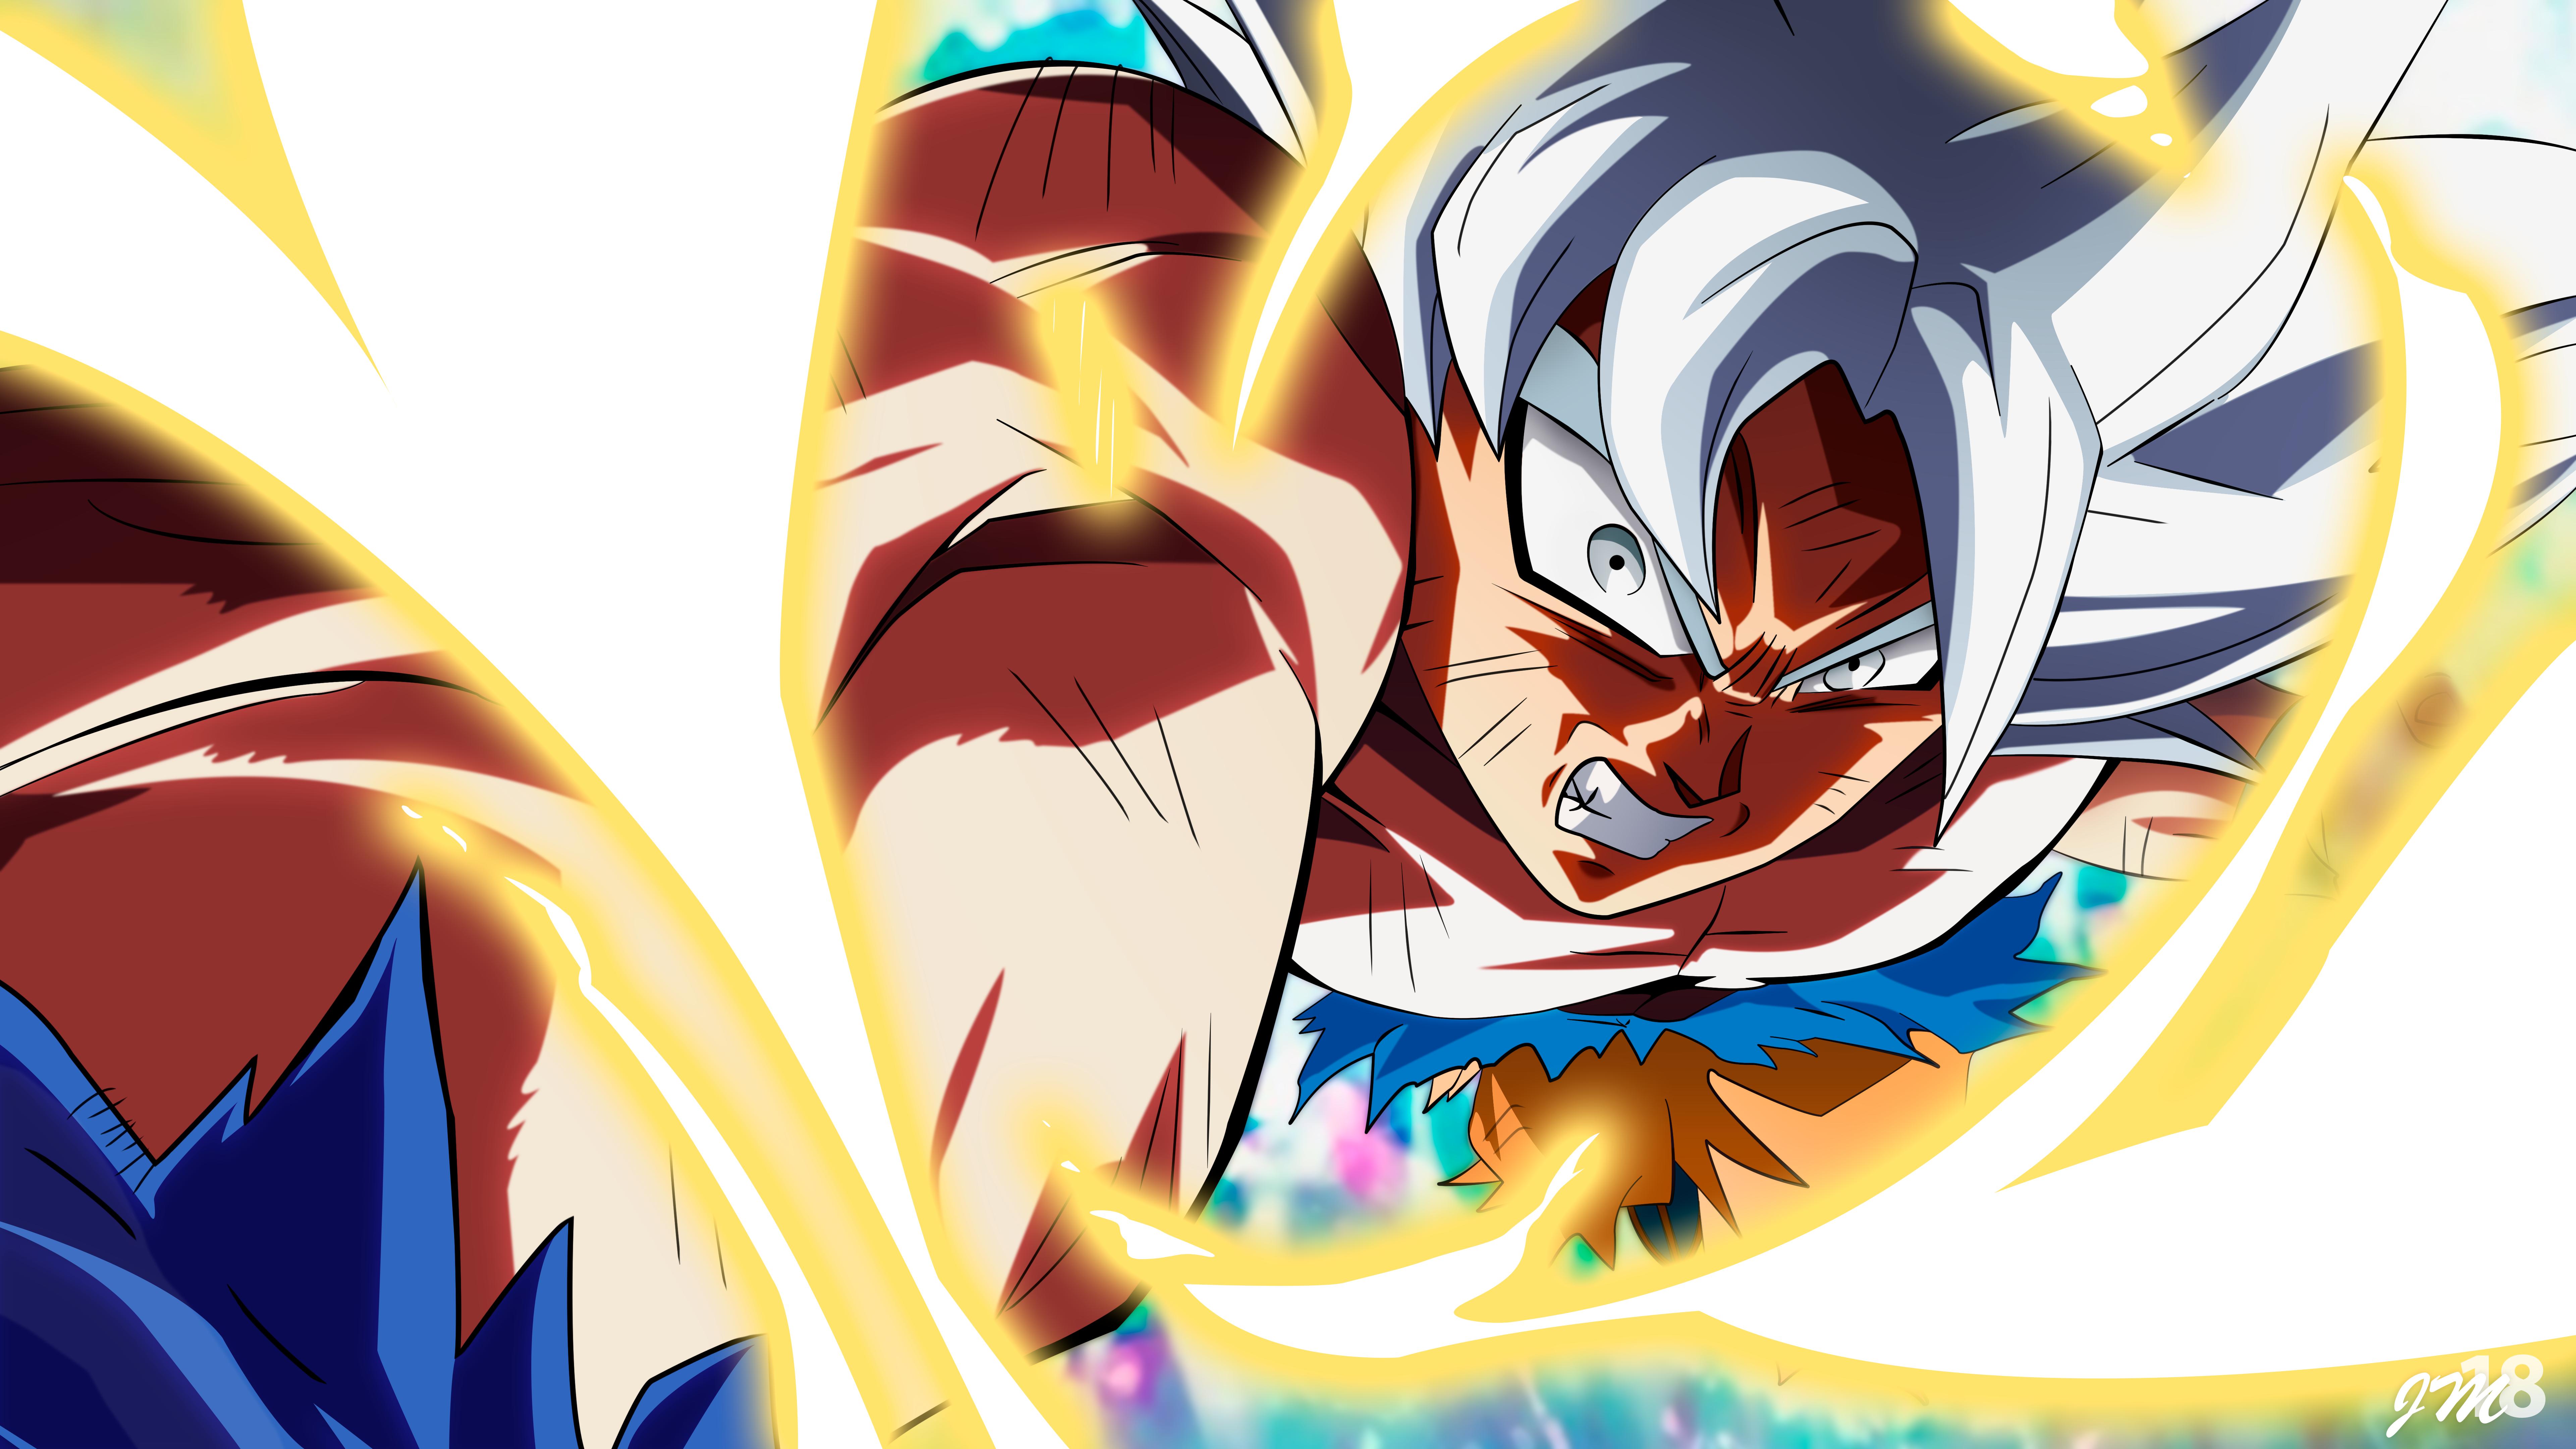 Wallpaper 8k Goku Ultra Instinct No Effects By Jm24cule On Deviantart